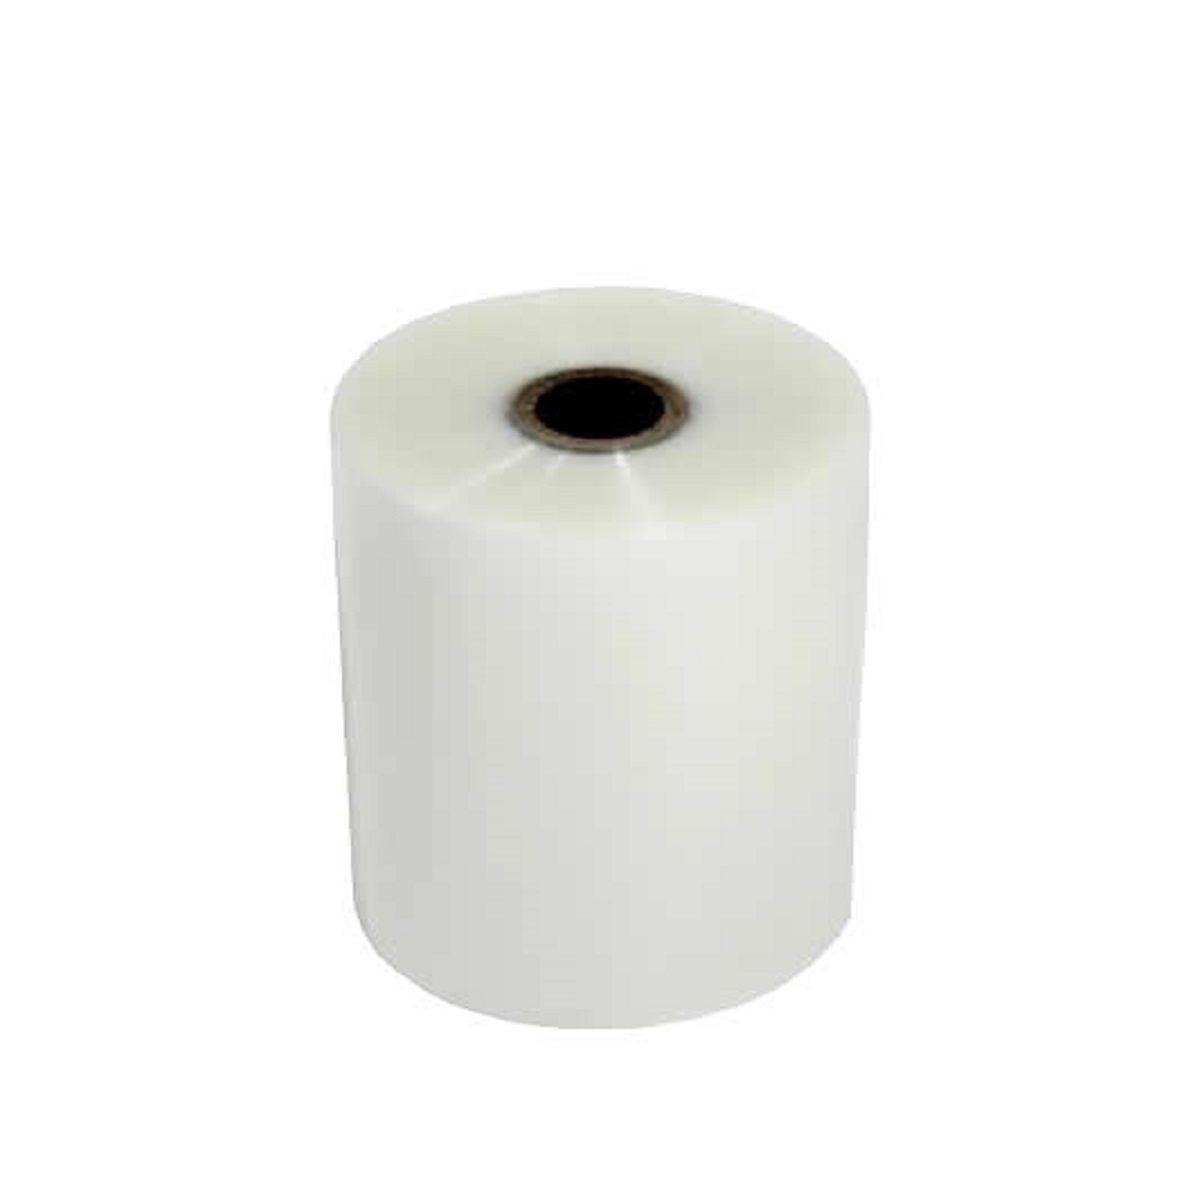 Bobina para Plastificação RG 11,5cm x 45M x 0,08mm (190 micras)  - Click Suprimentos